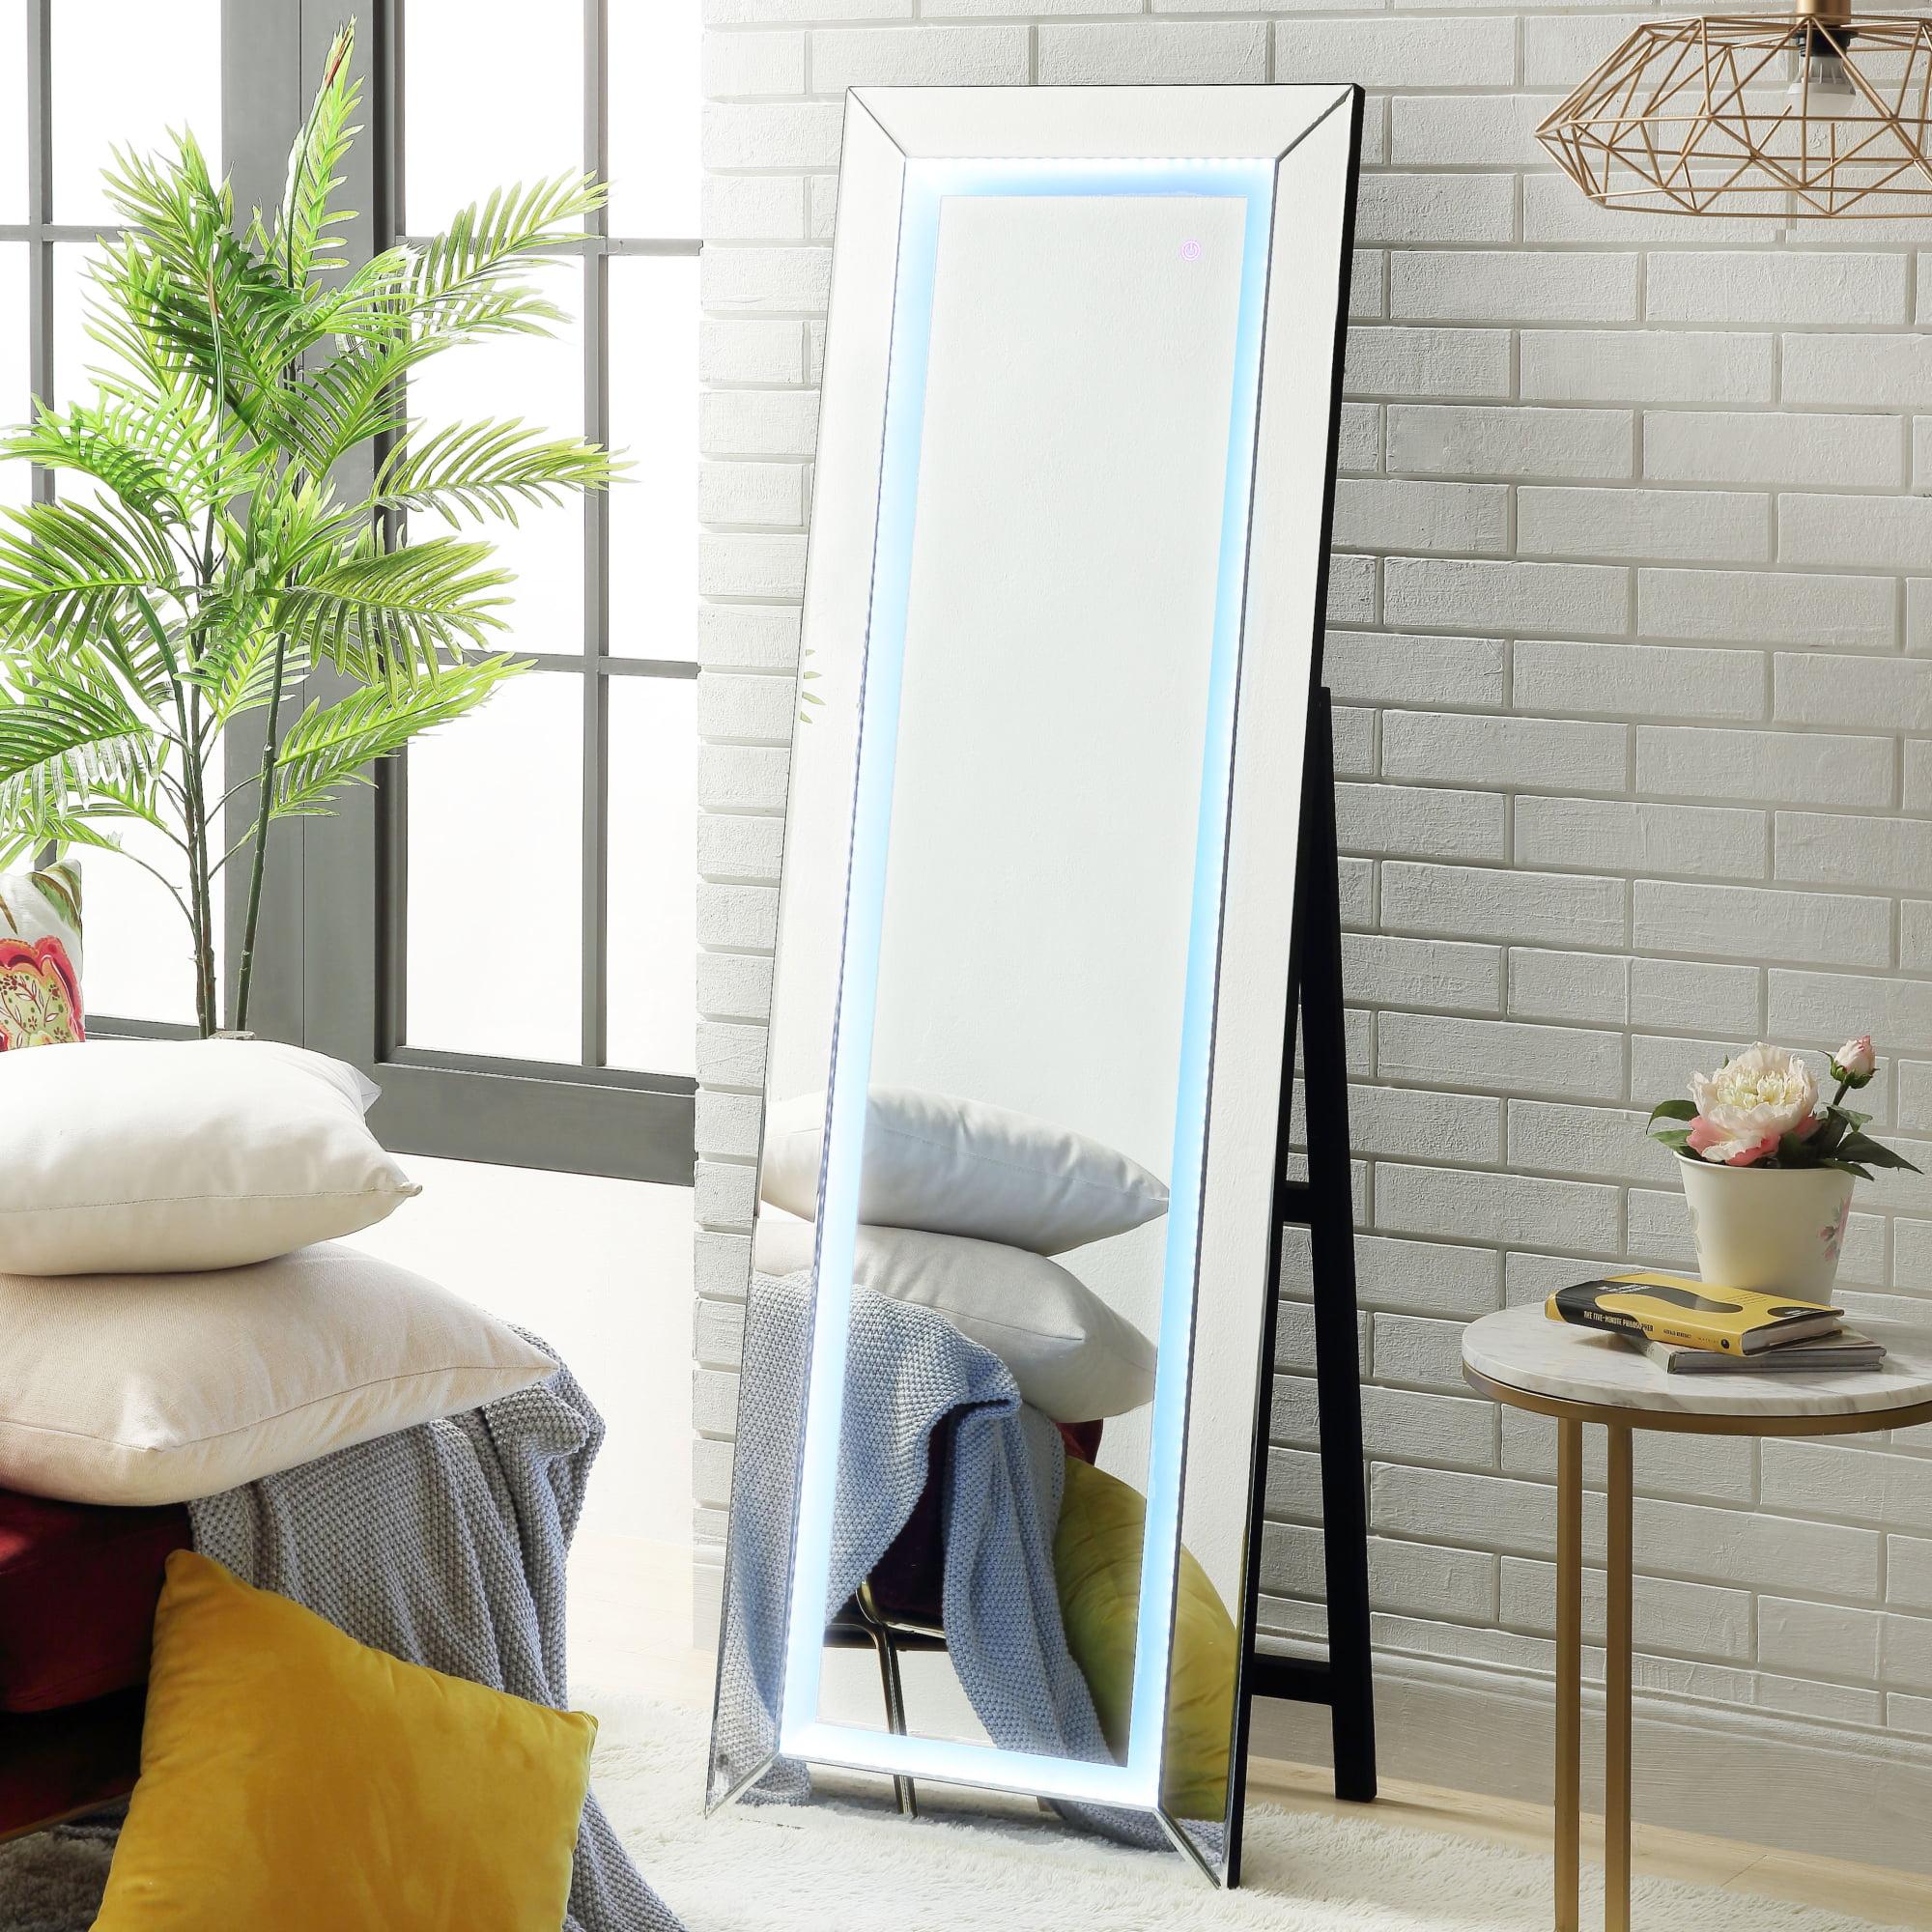 Hana Led Full Length Mirror Floor Standing Touch Sensor Light Makeup Vanity Bedroom Mirrored Frame Foldable Walmart Com Walmart Com